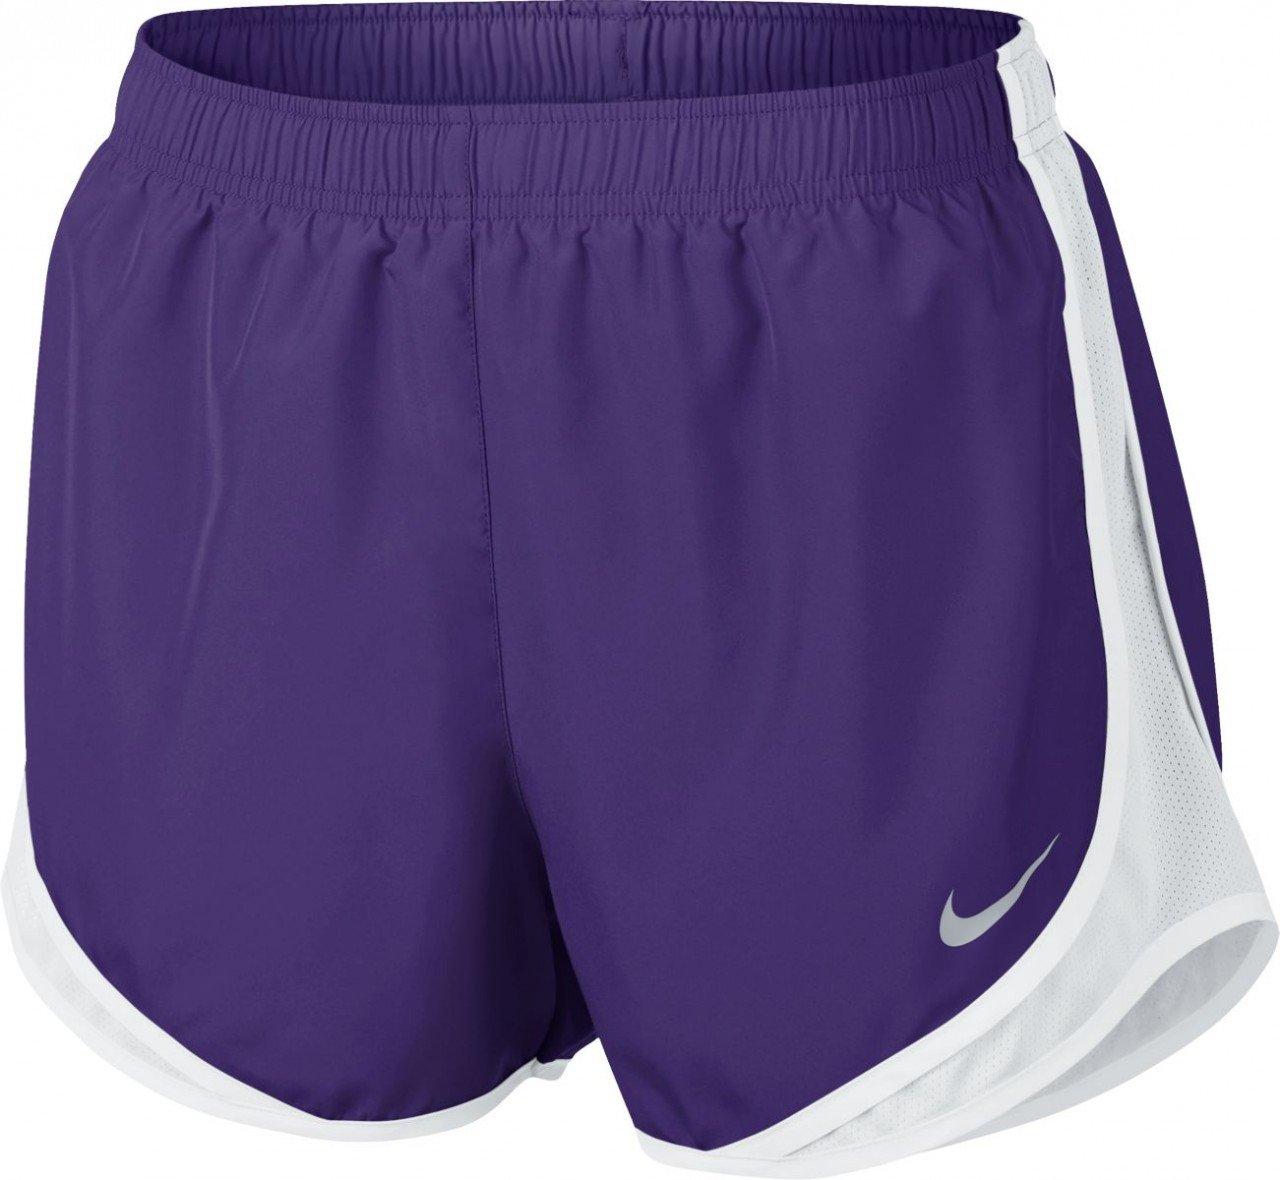 Nike Women's Dry Tempo Short (Medium, Court Purple/White/White/Wolf Grey)